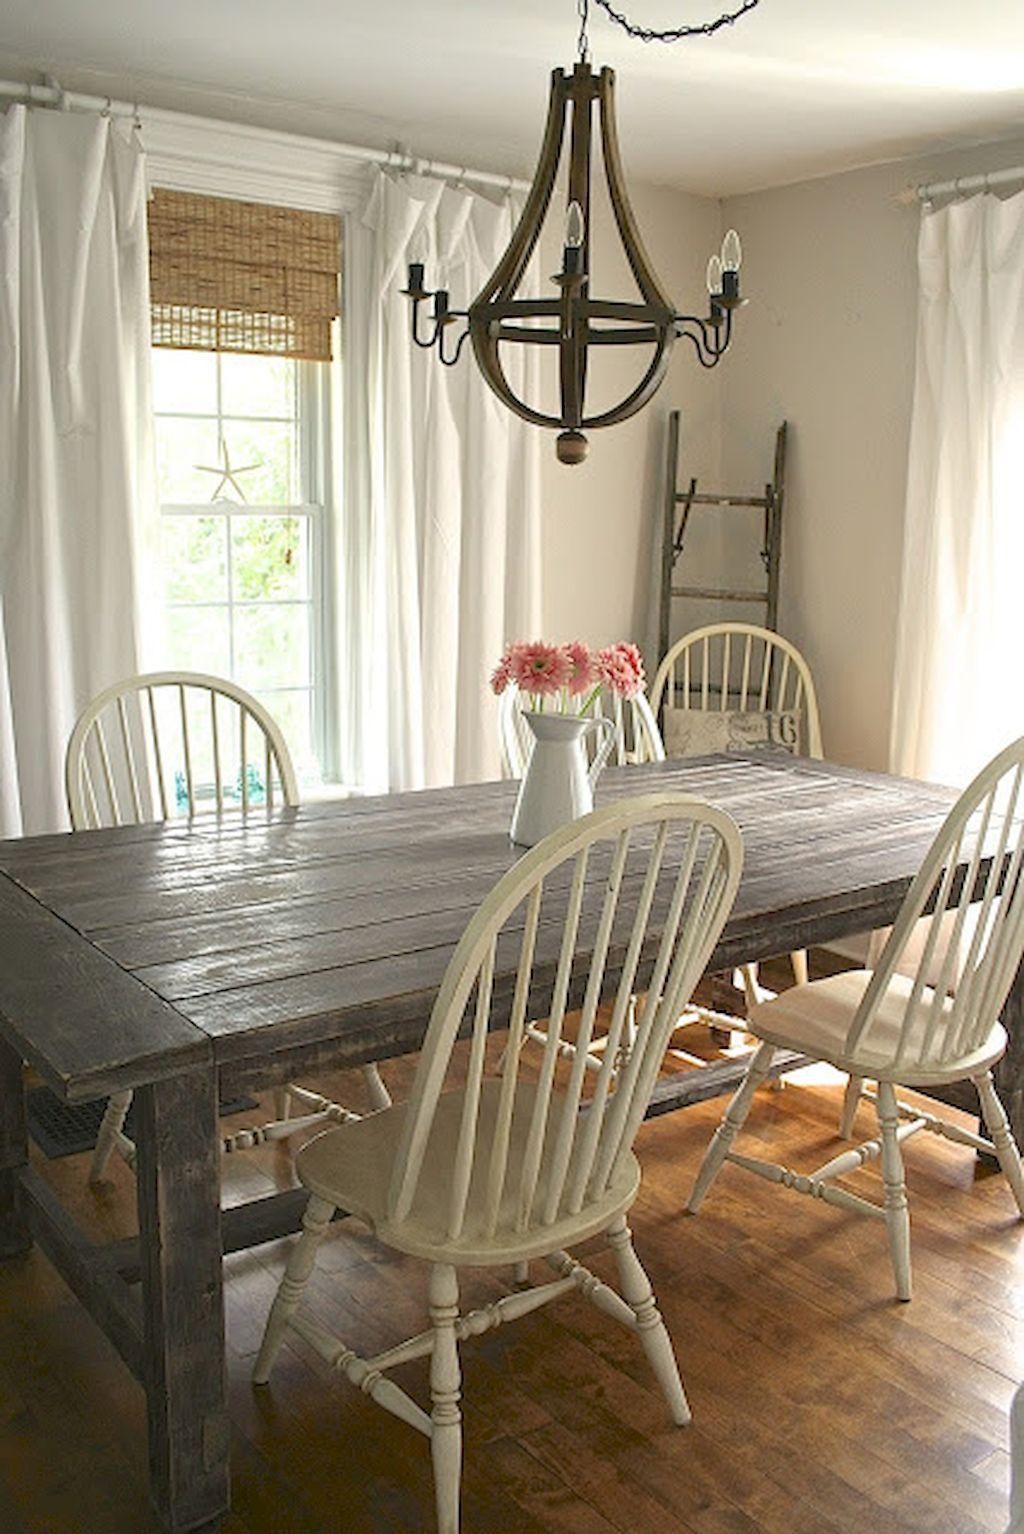 70 Adorable Farmhouse Dining Room Ideas Simply And Timeless Farmhouse Dining Room Table Modern Farmhouse Dining Farmhouse Style Living Room